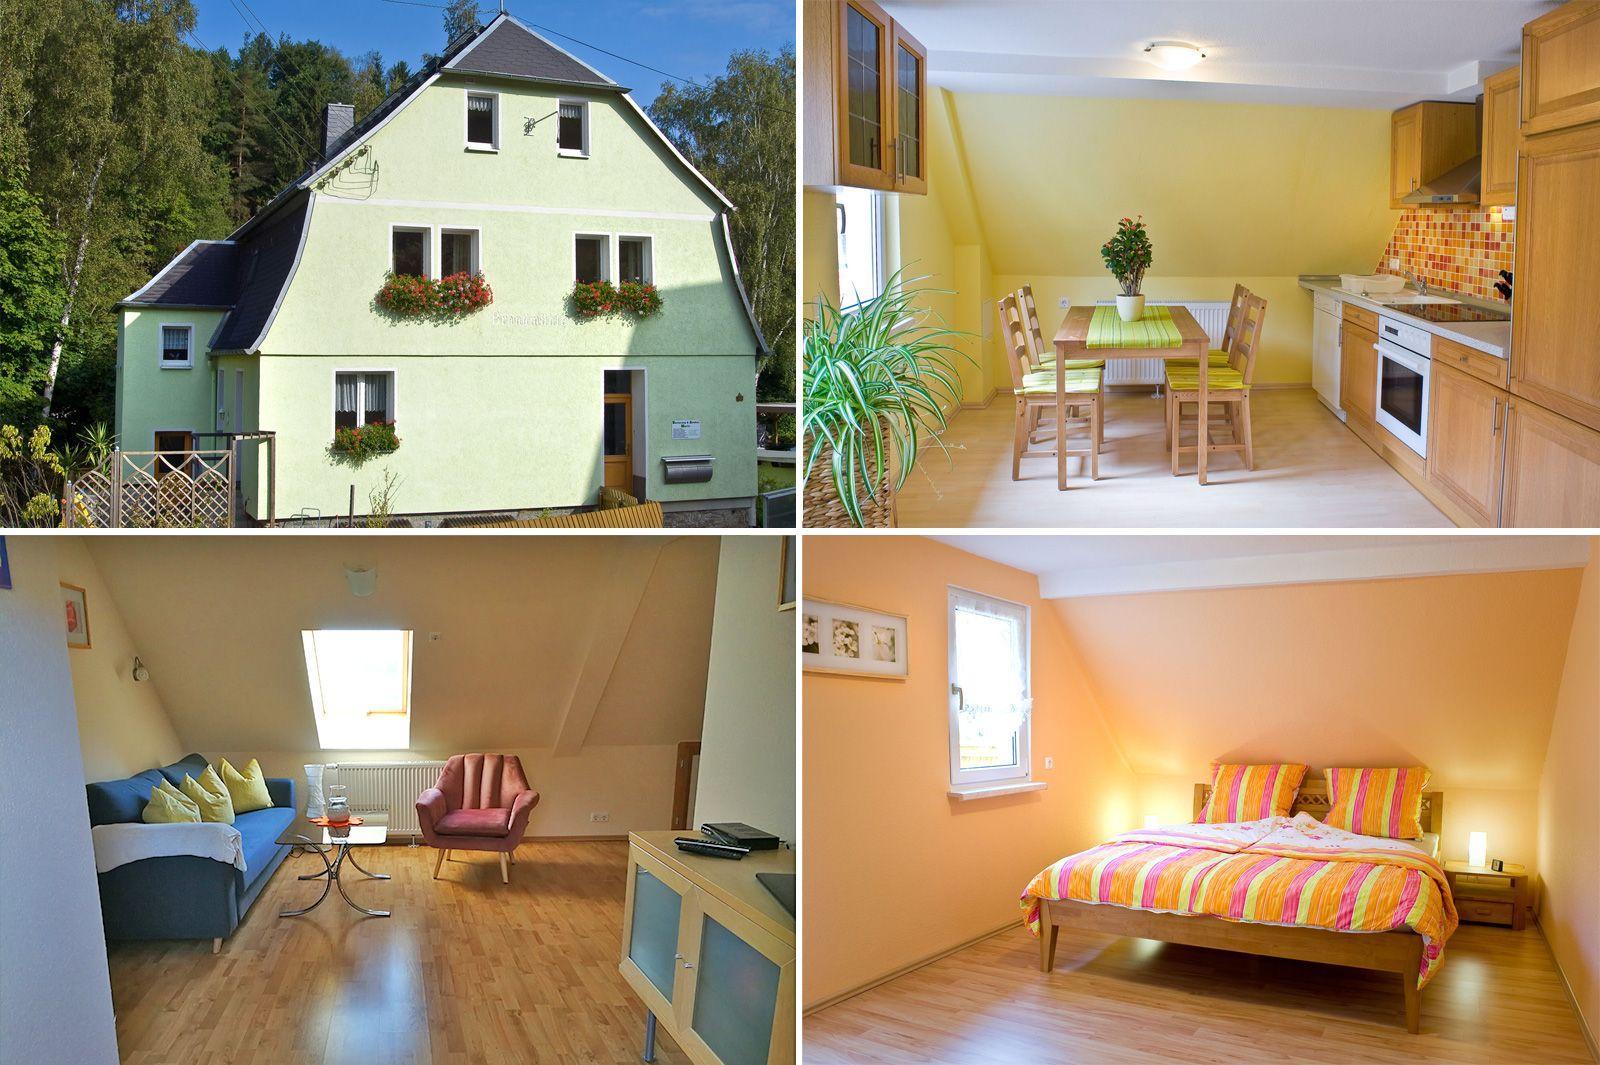 Ferienwohnung für 4 Personen ca. 50 m² i  in Sachsen